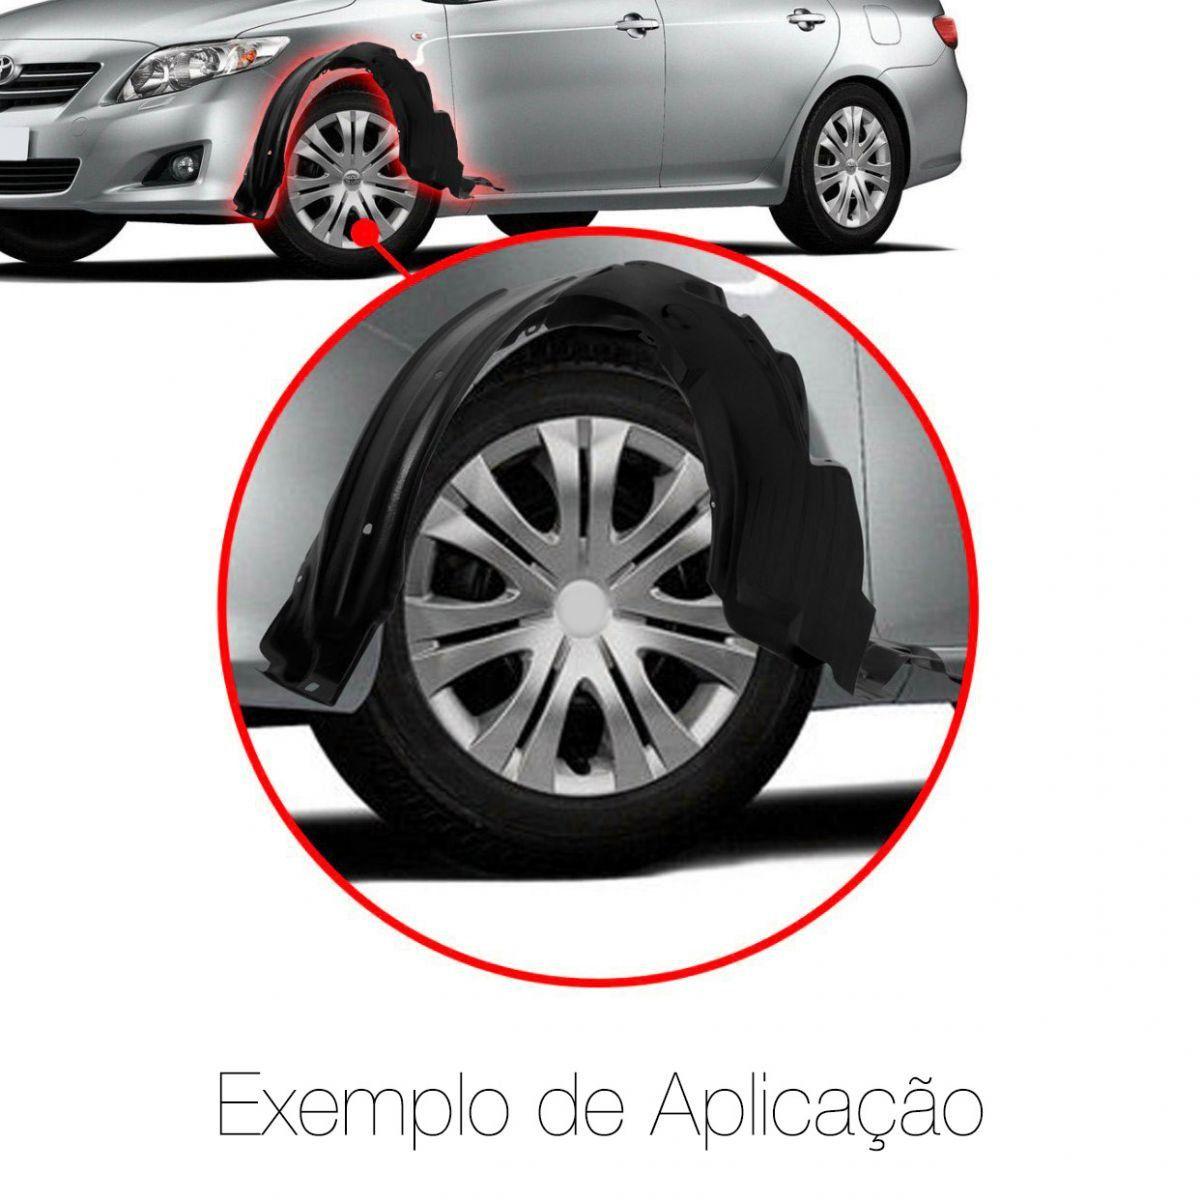 Parabarro Dianteiro Corolla 2009 2010 2011 2012 2013